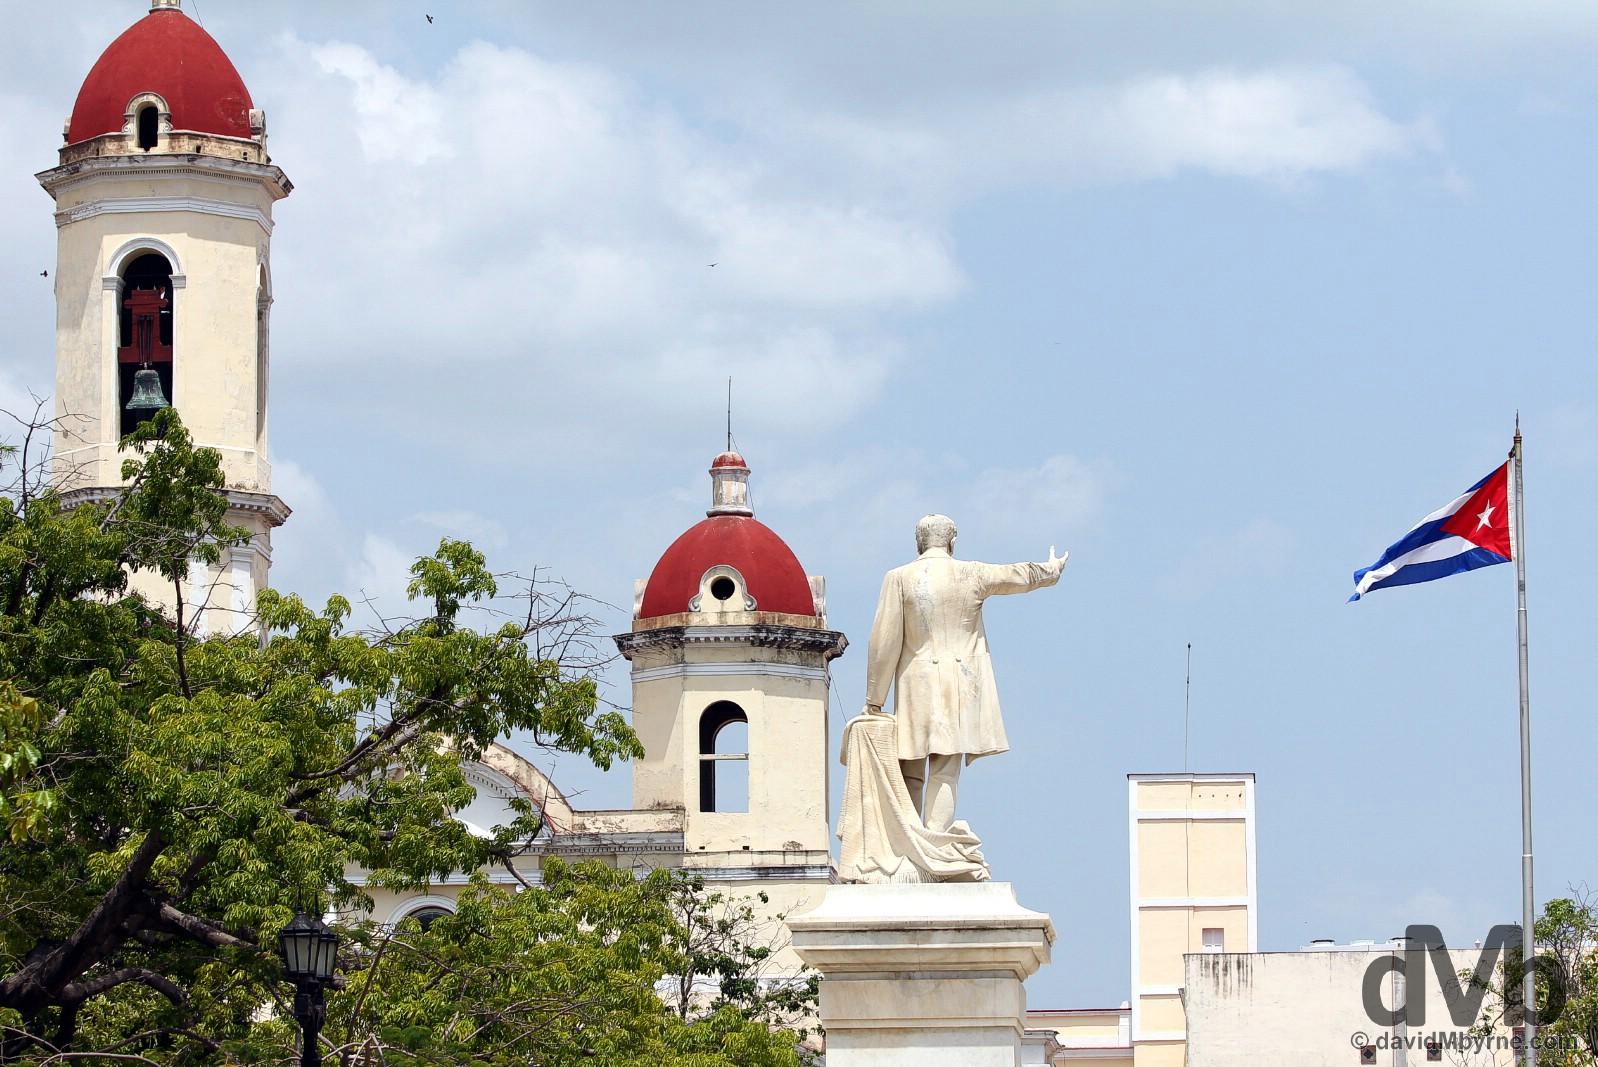 Parque Jose Marti, Cienfuegos, Cuba. May 8, 2015.